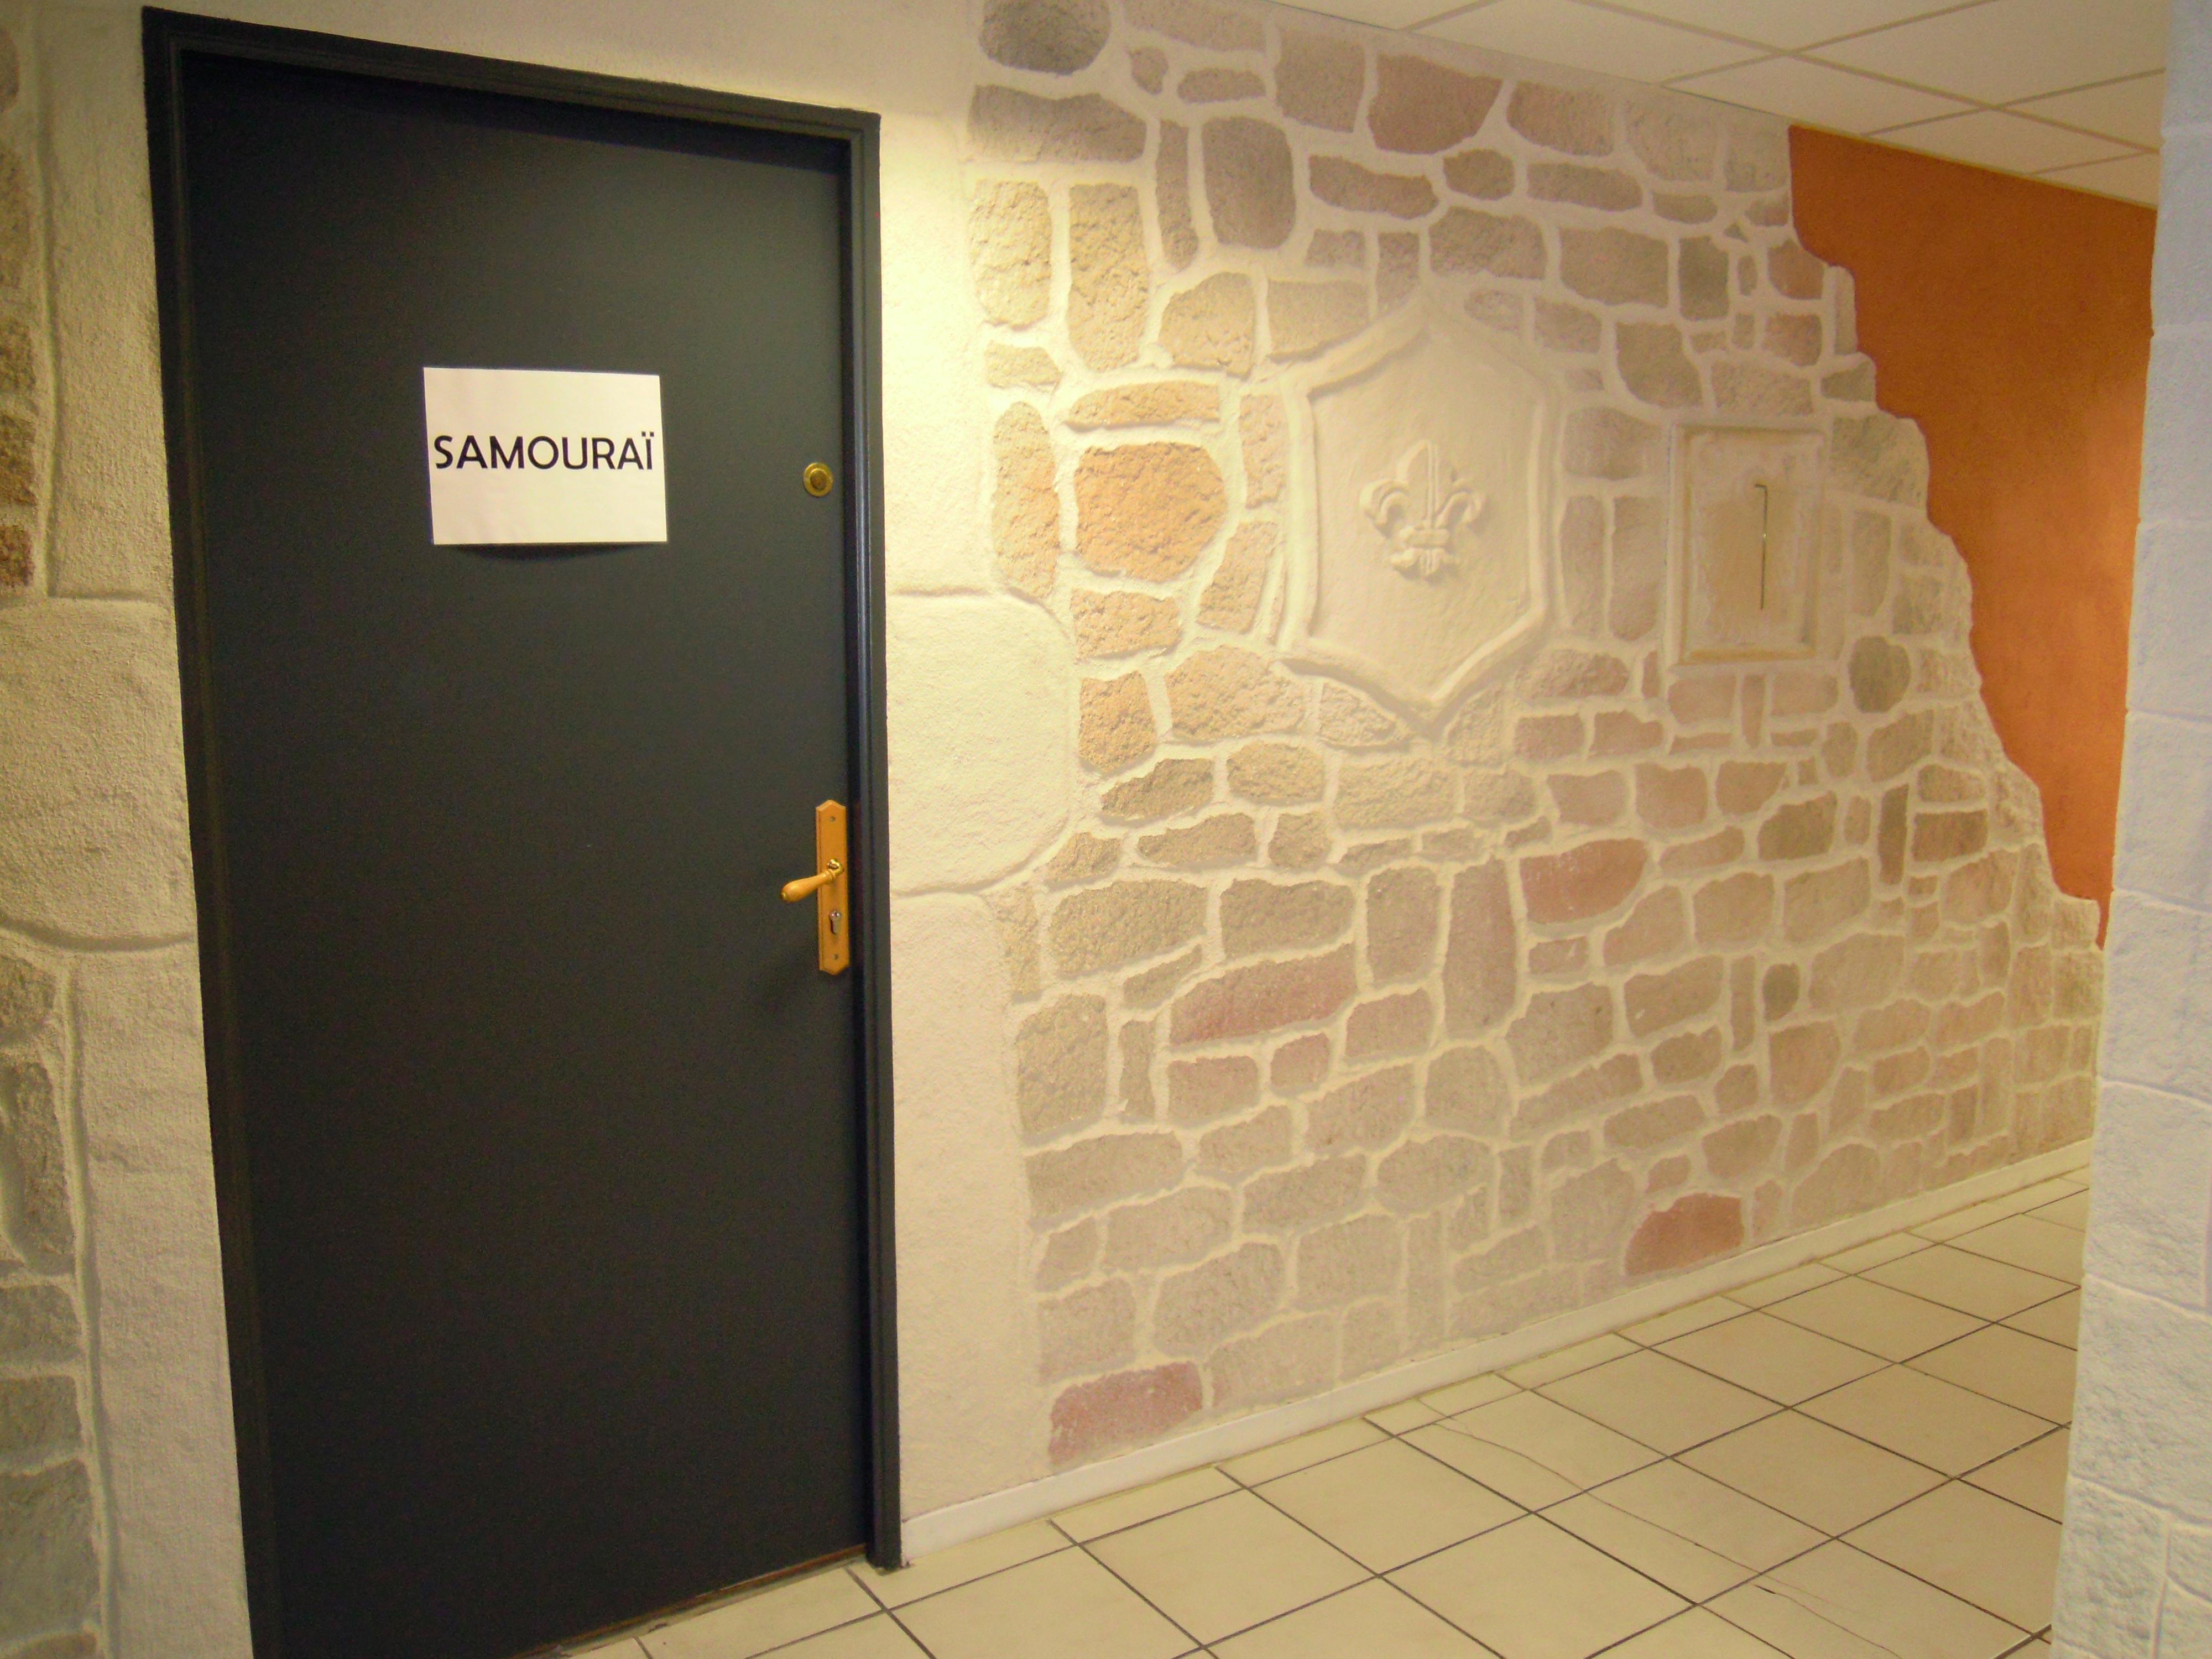 Salle Samouraï 1 modif - Location de salles de réunion